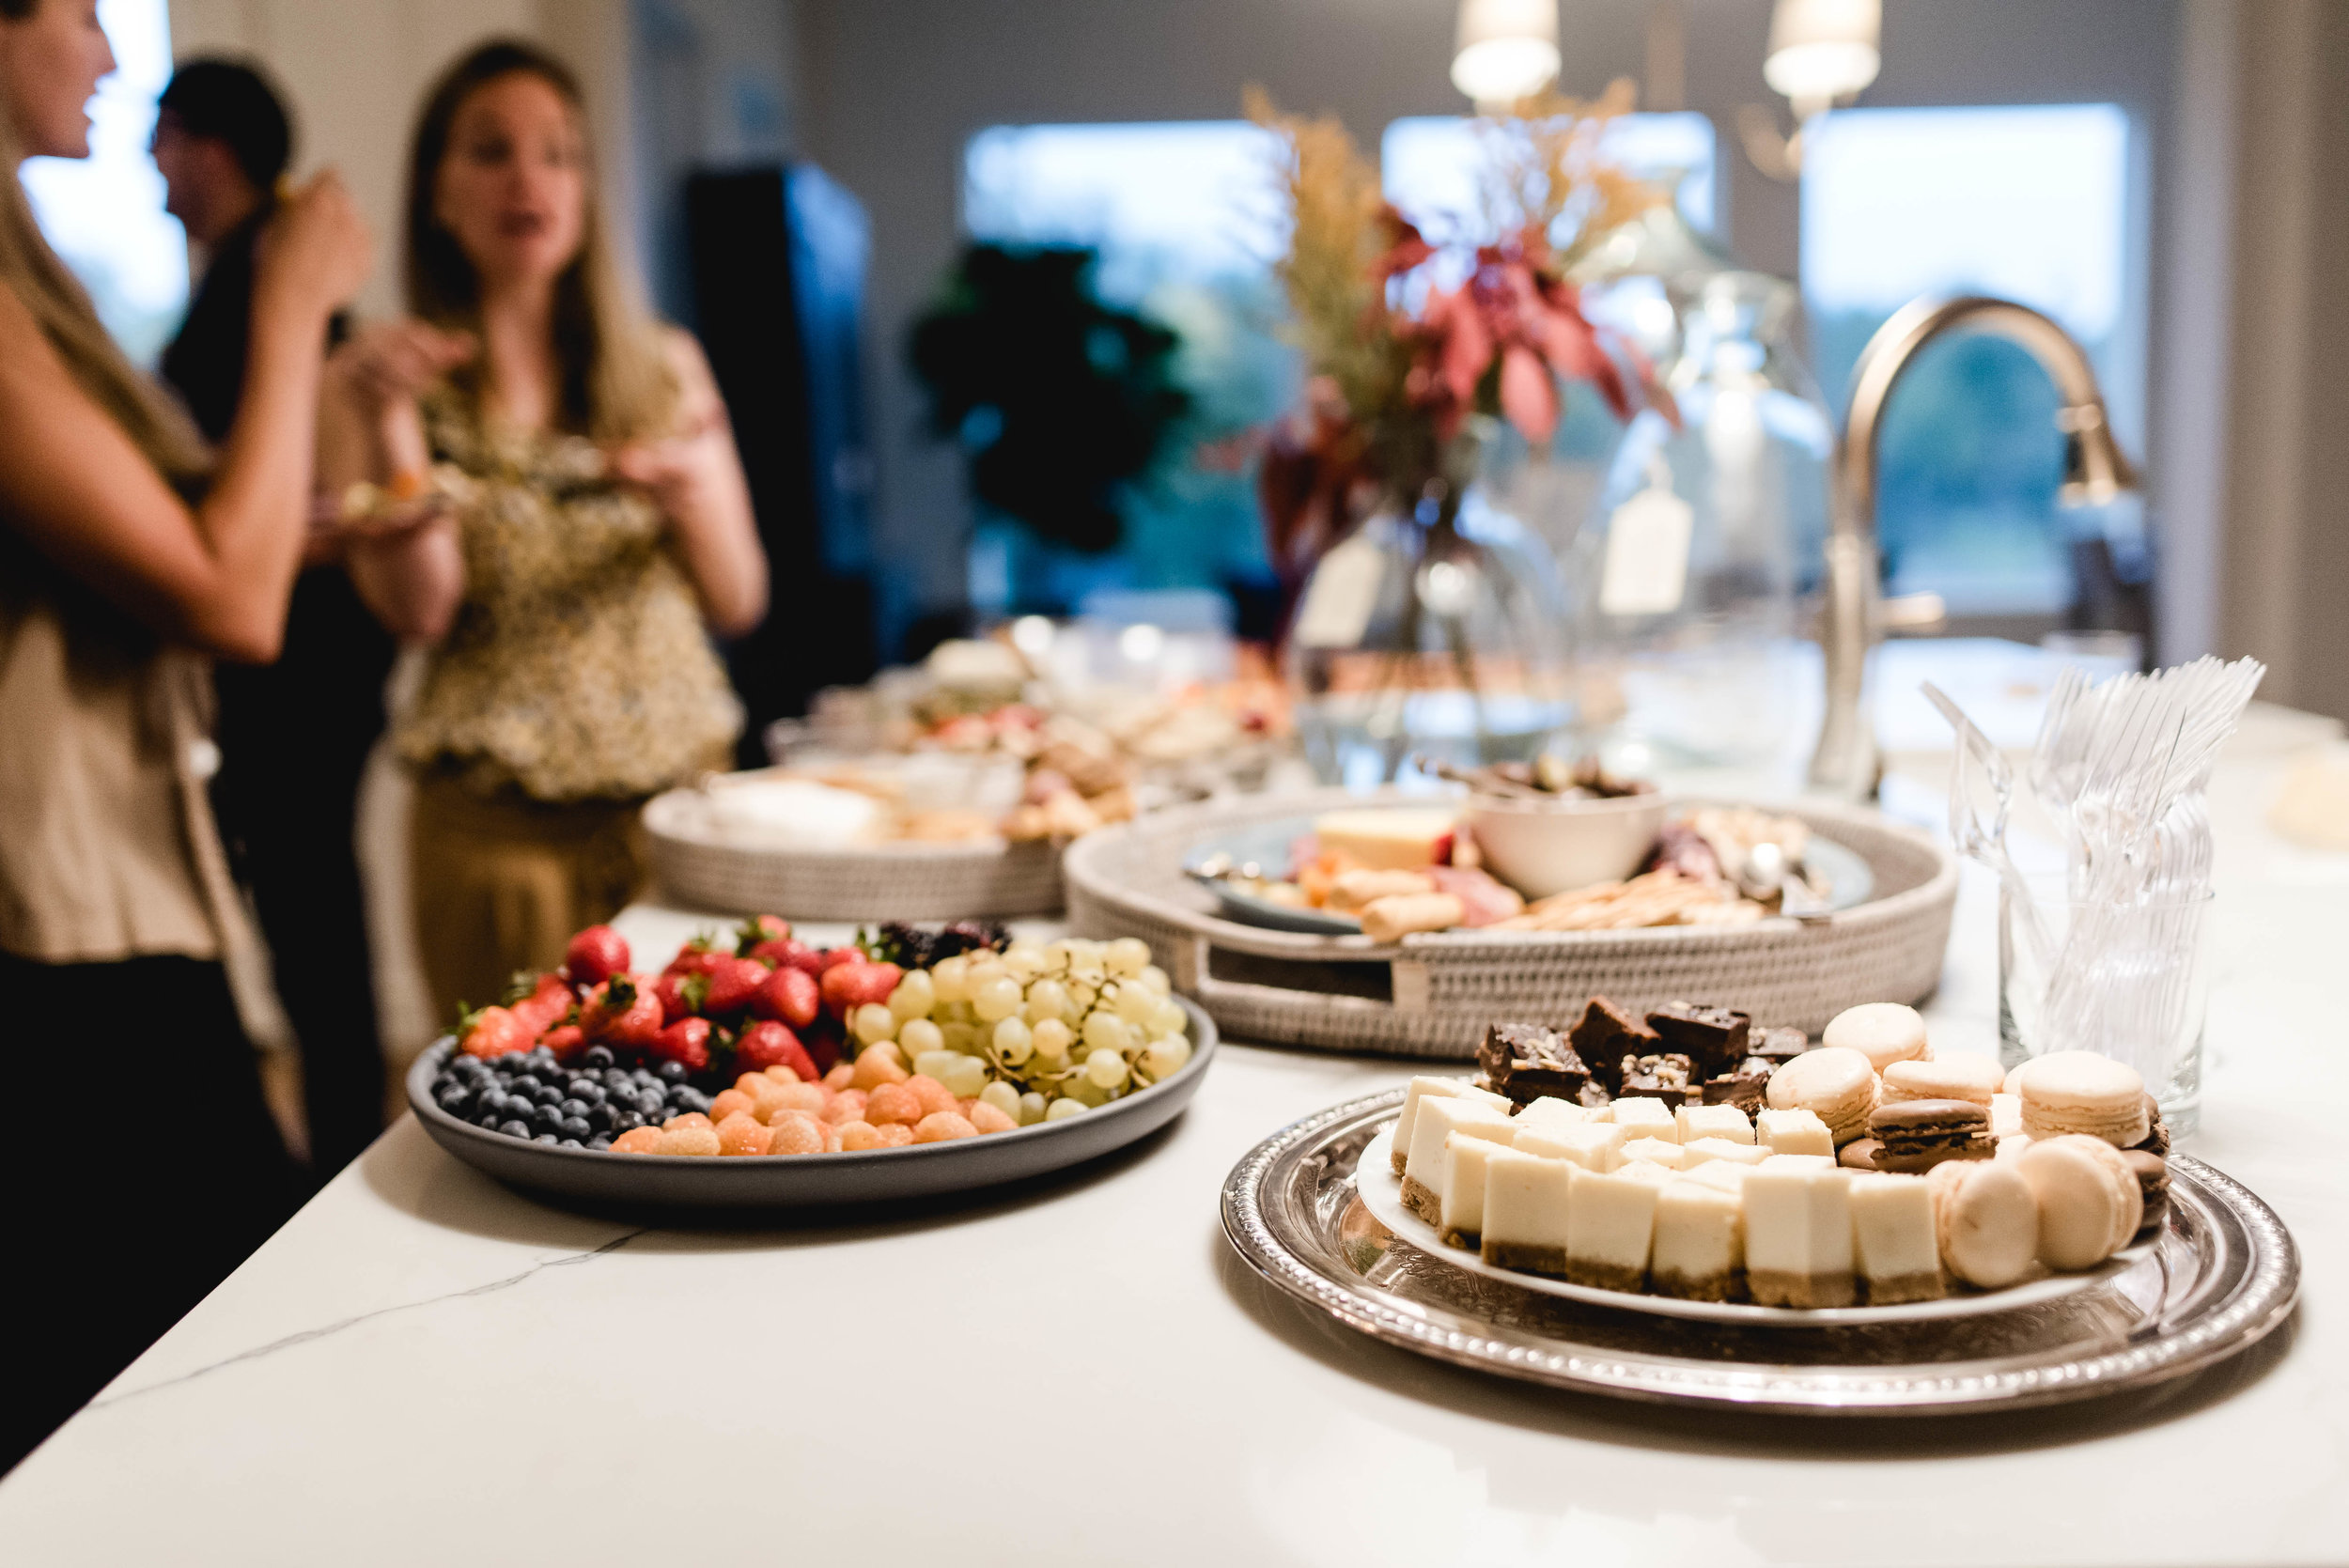 party_food.jpg